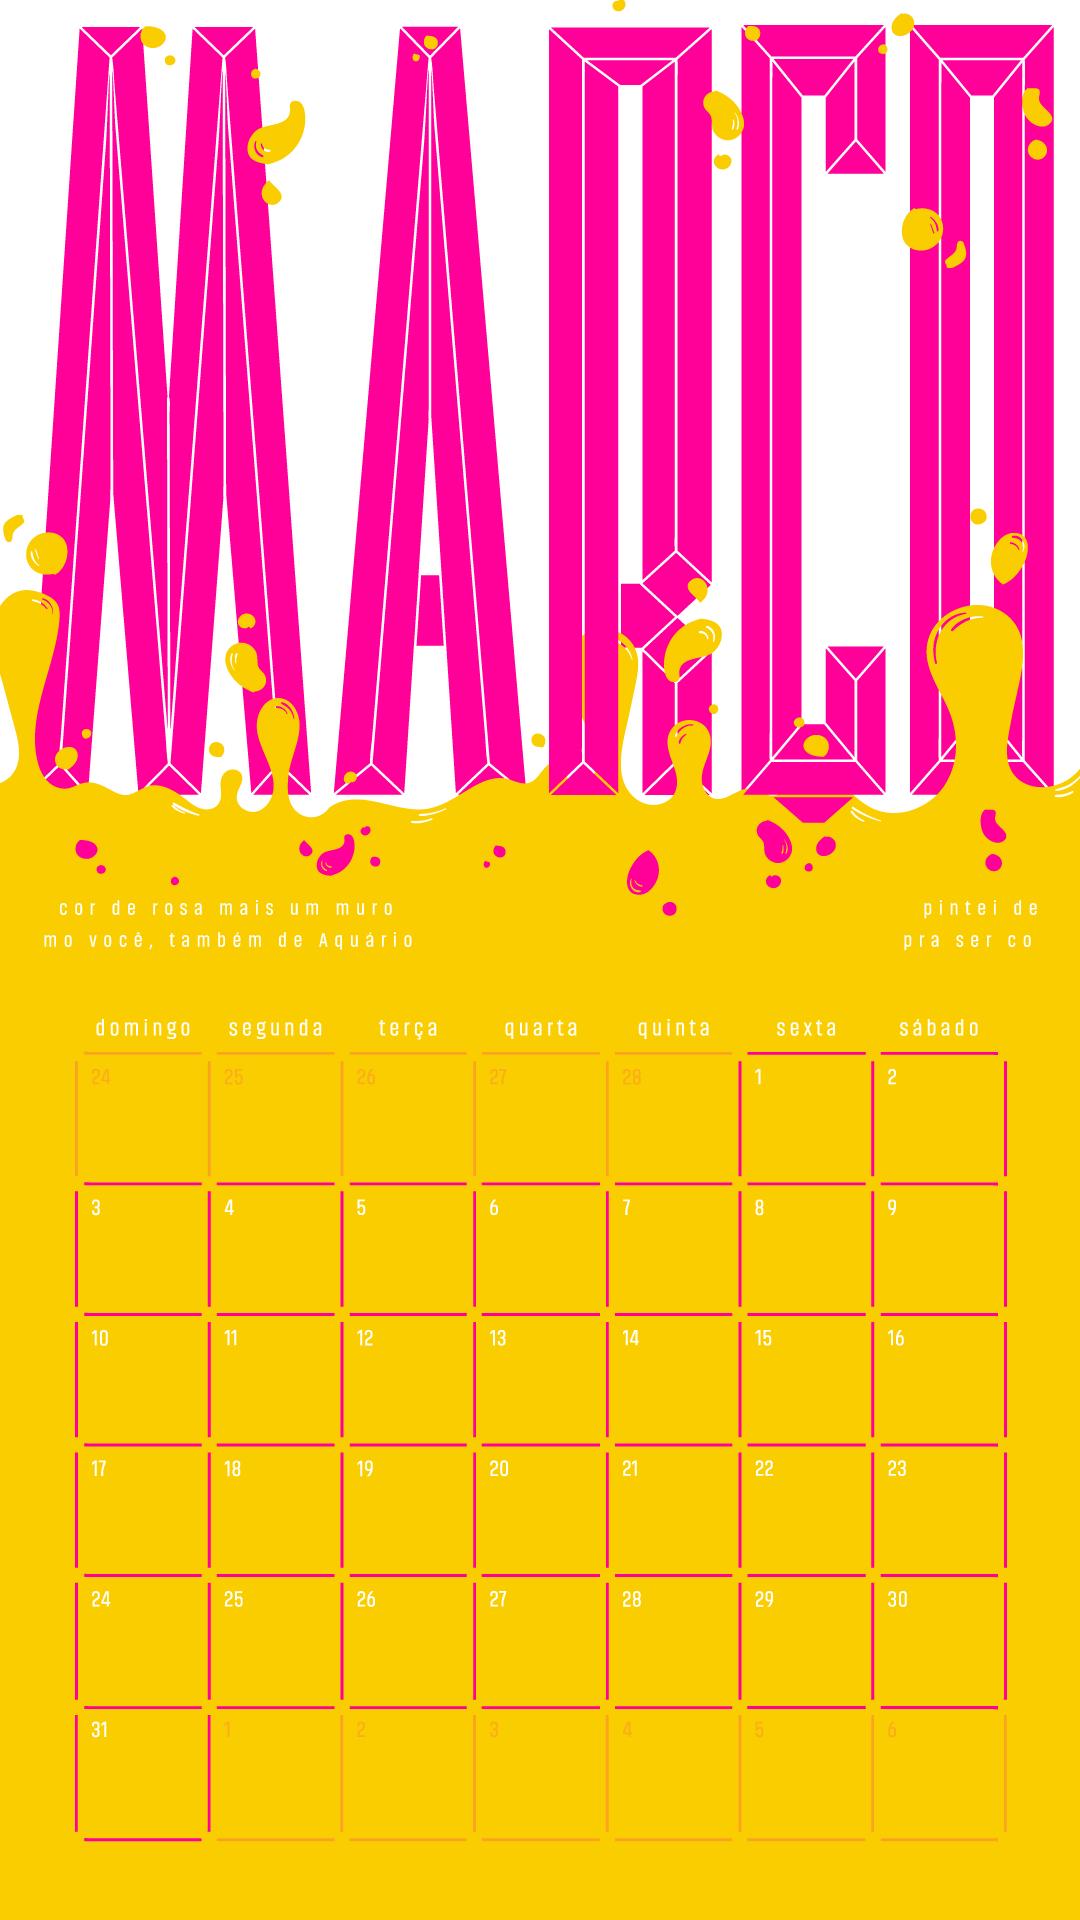 Calendario Rosa Png.Calendario 2019 On Student Show